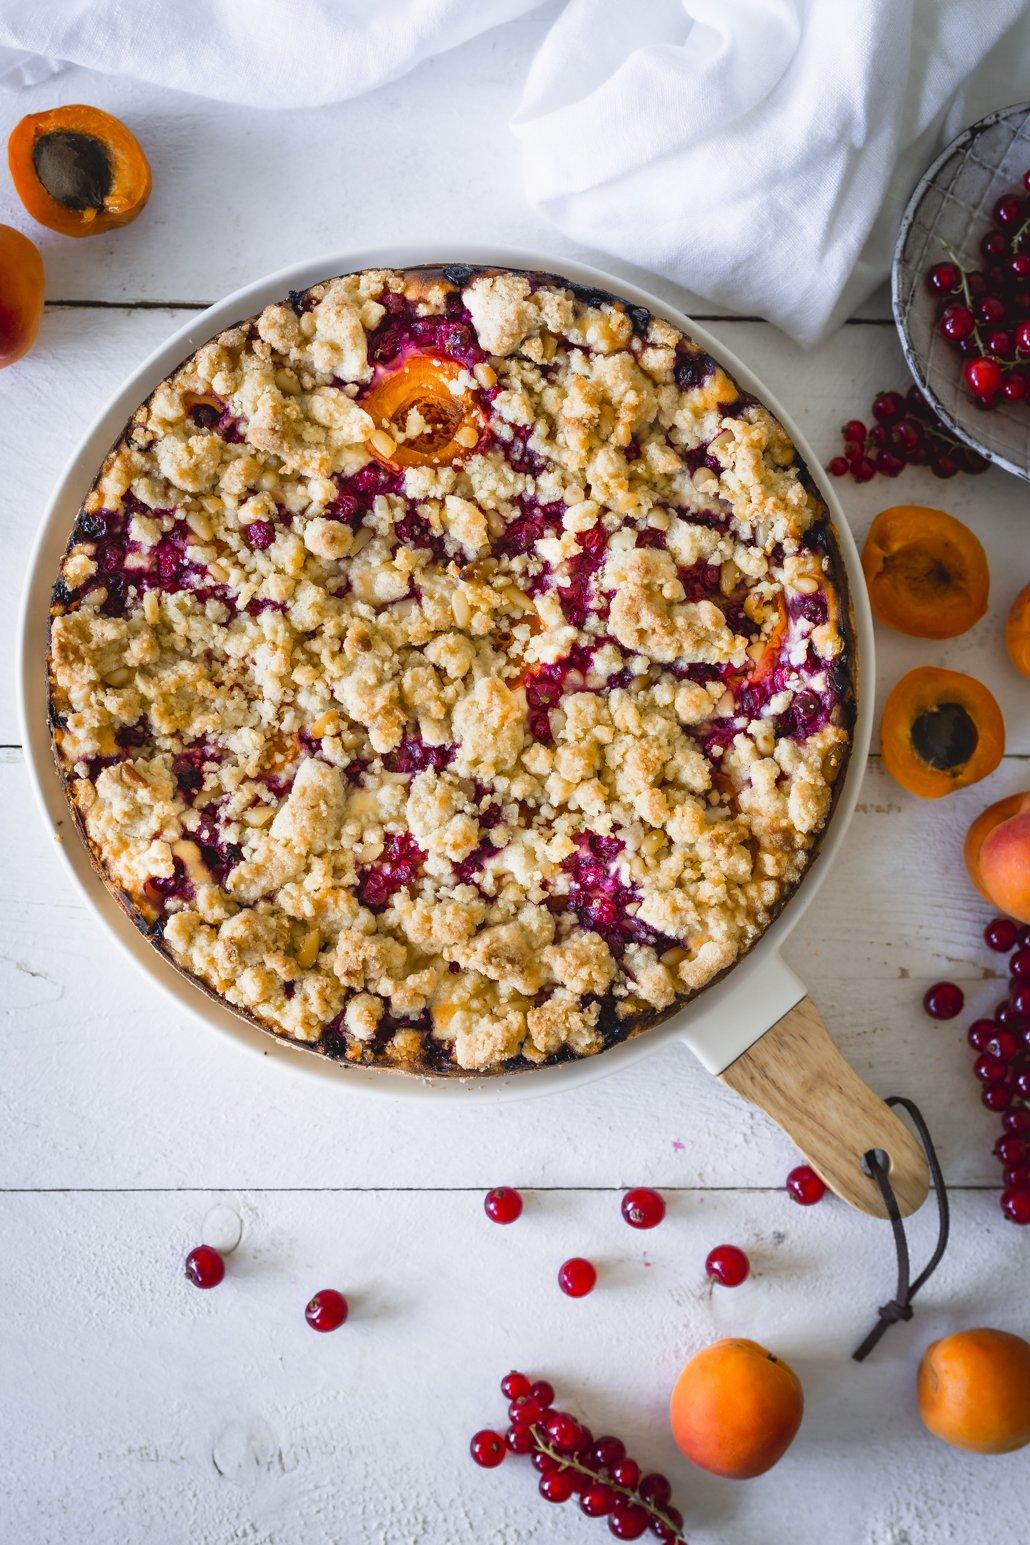 Johannisbeer Aprikosen Streuselkuchen